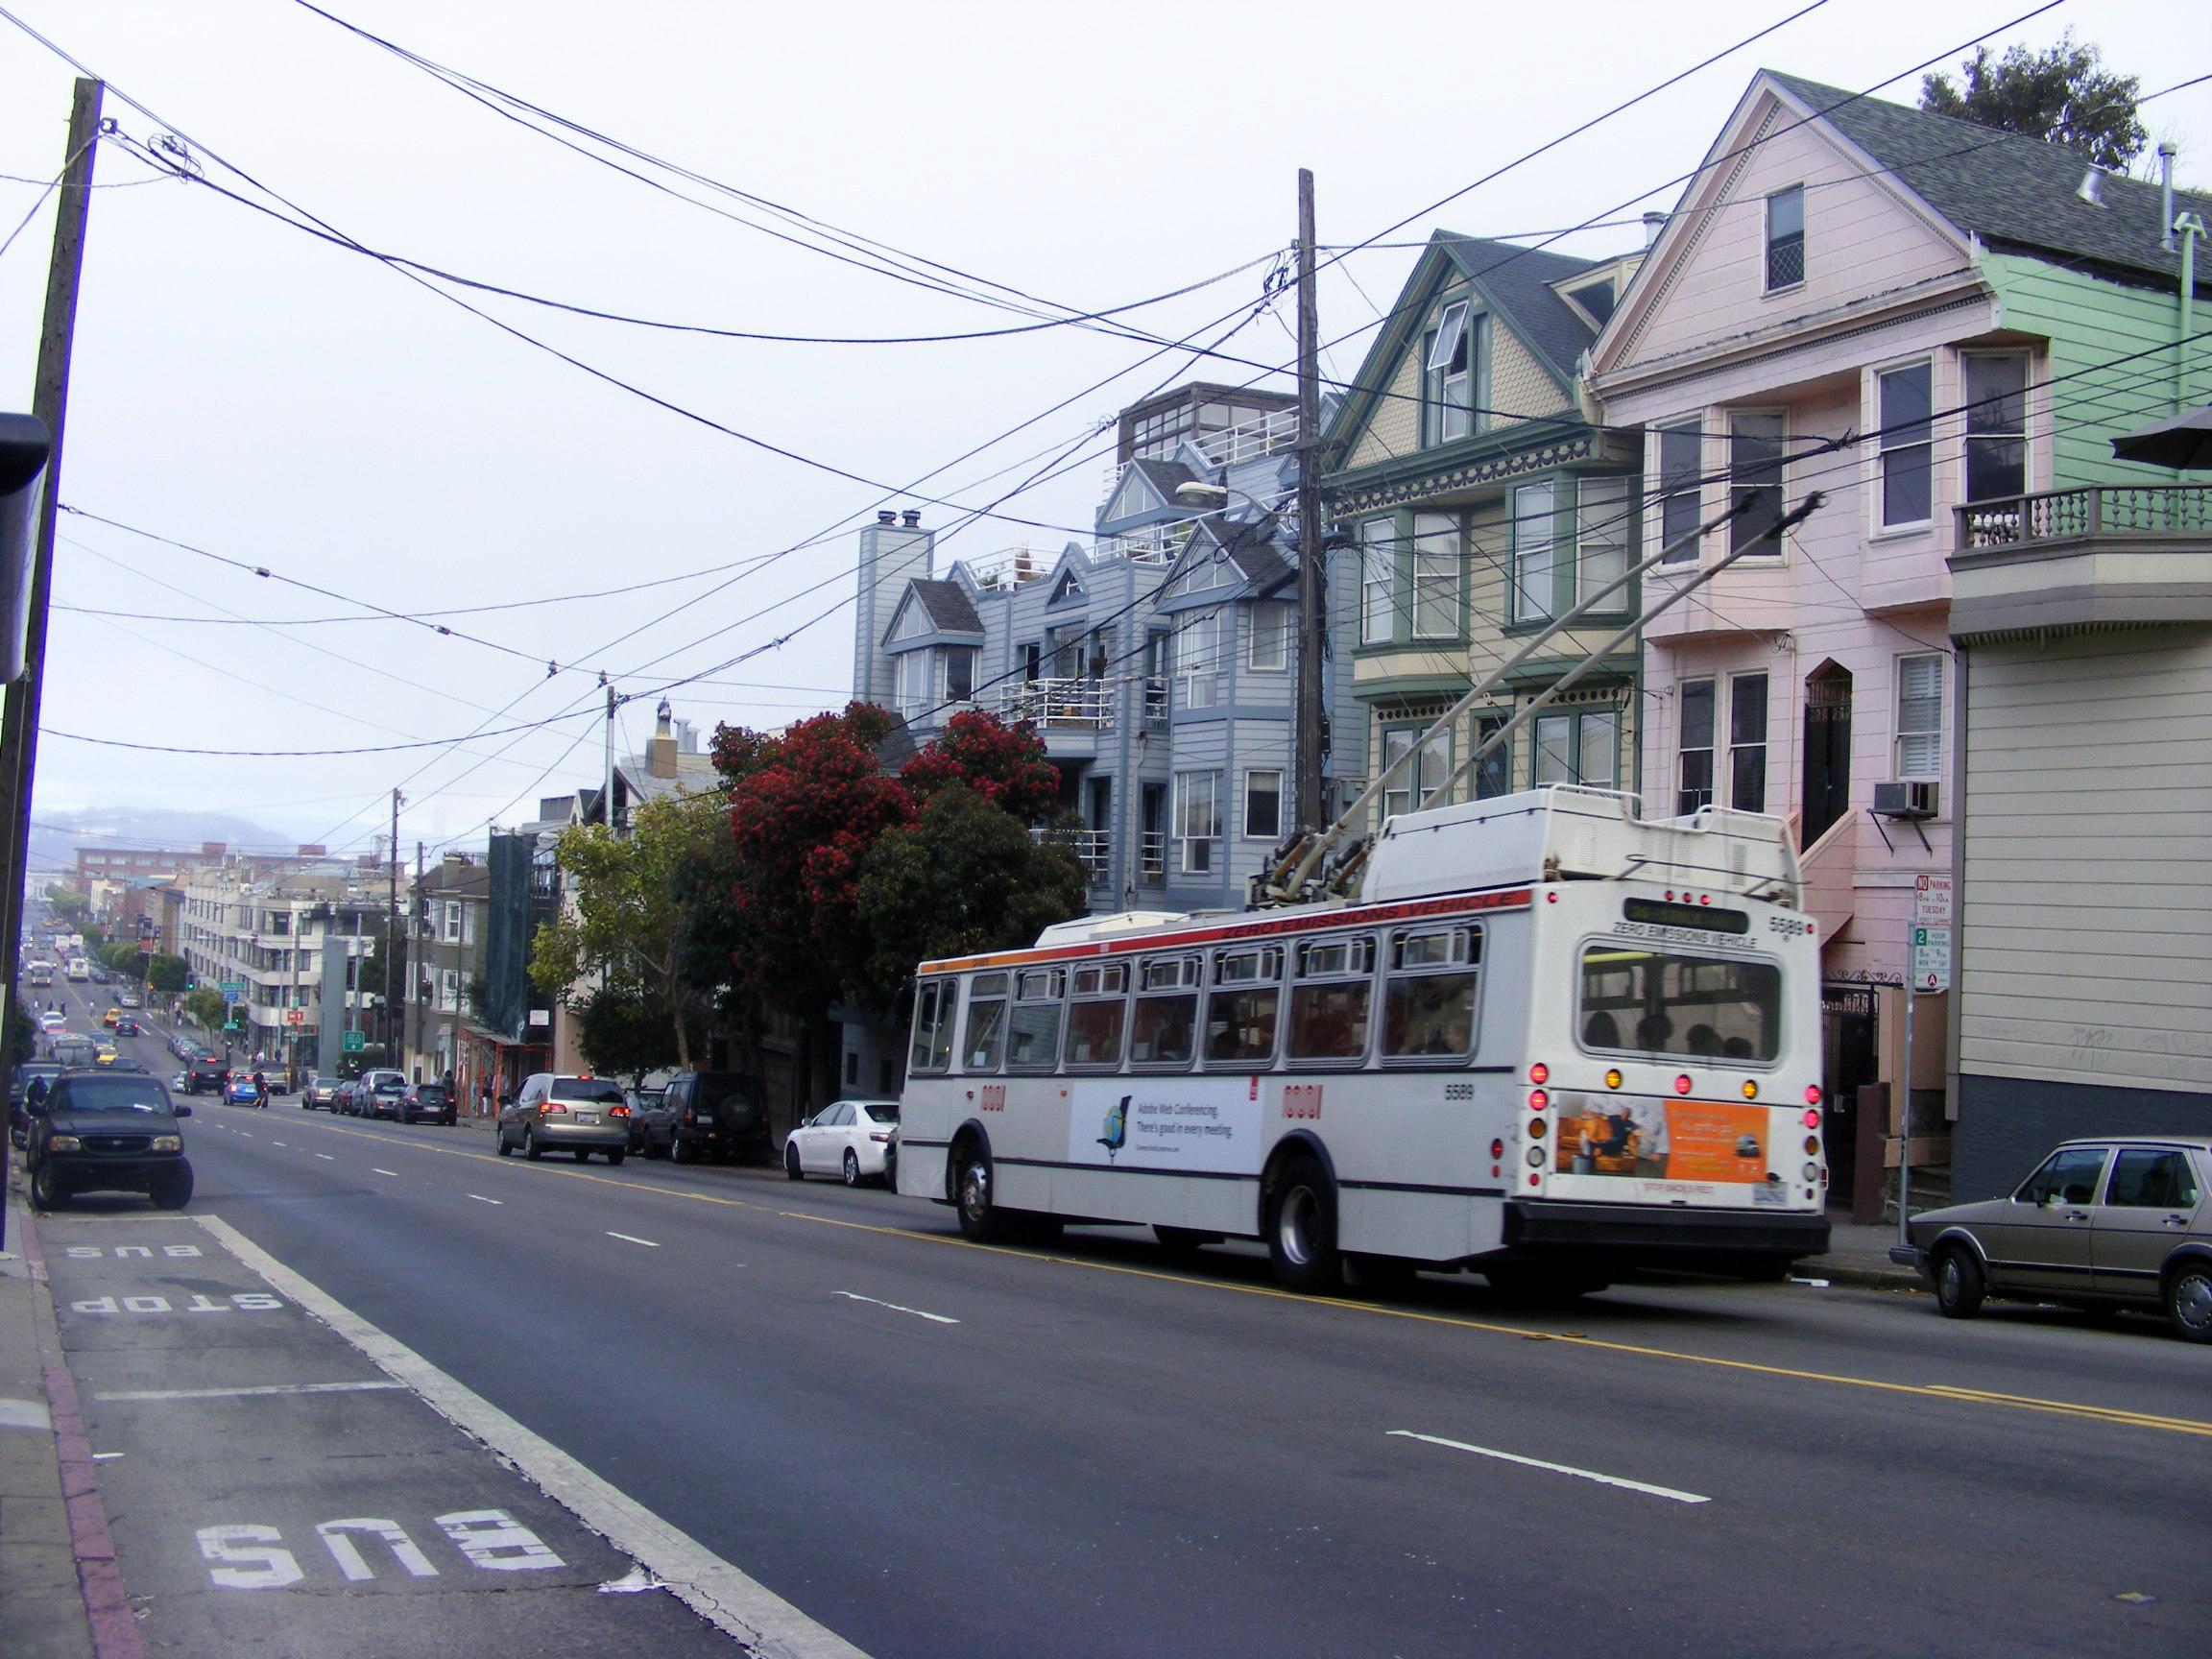 File:San Francisco, Škoda 14TrSF (7) jpg - Wikimedia Commons